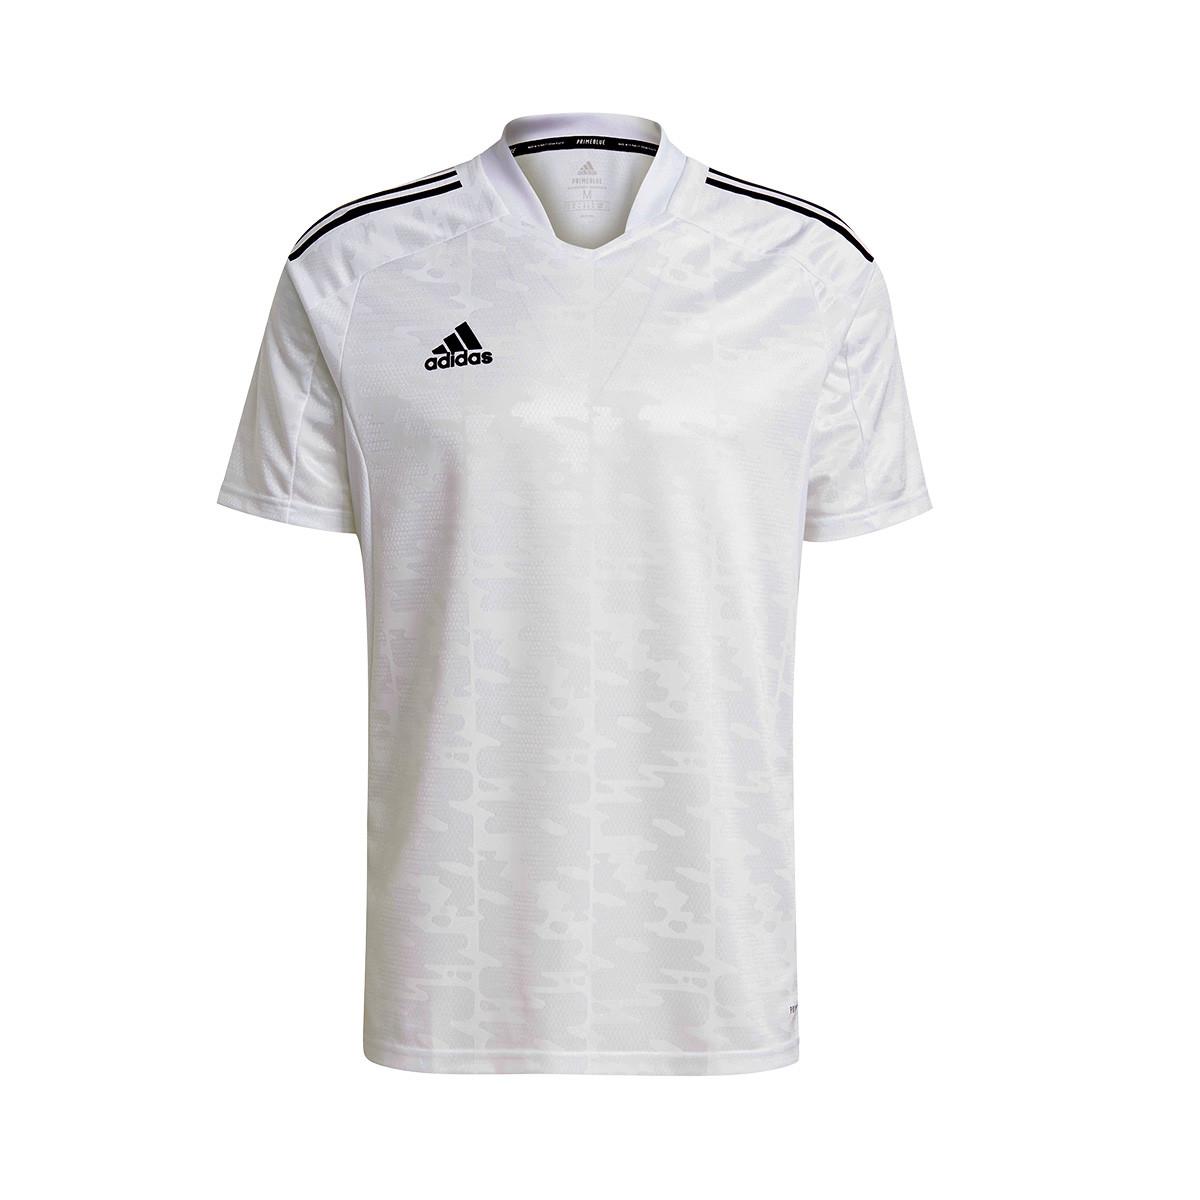 Jersey adidas Condivo 21 m/c White-Black - Fútbol Emotion